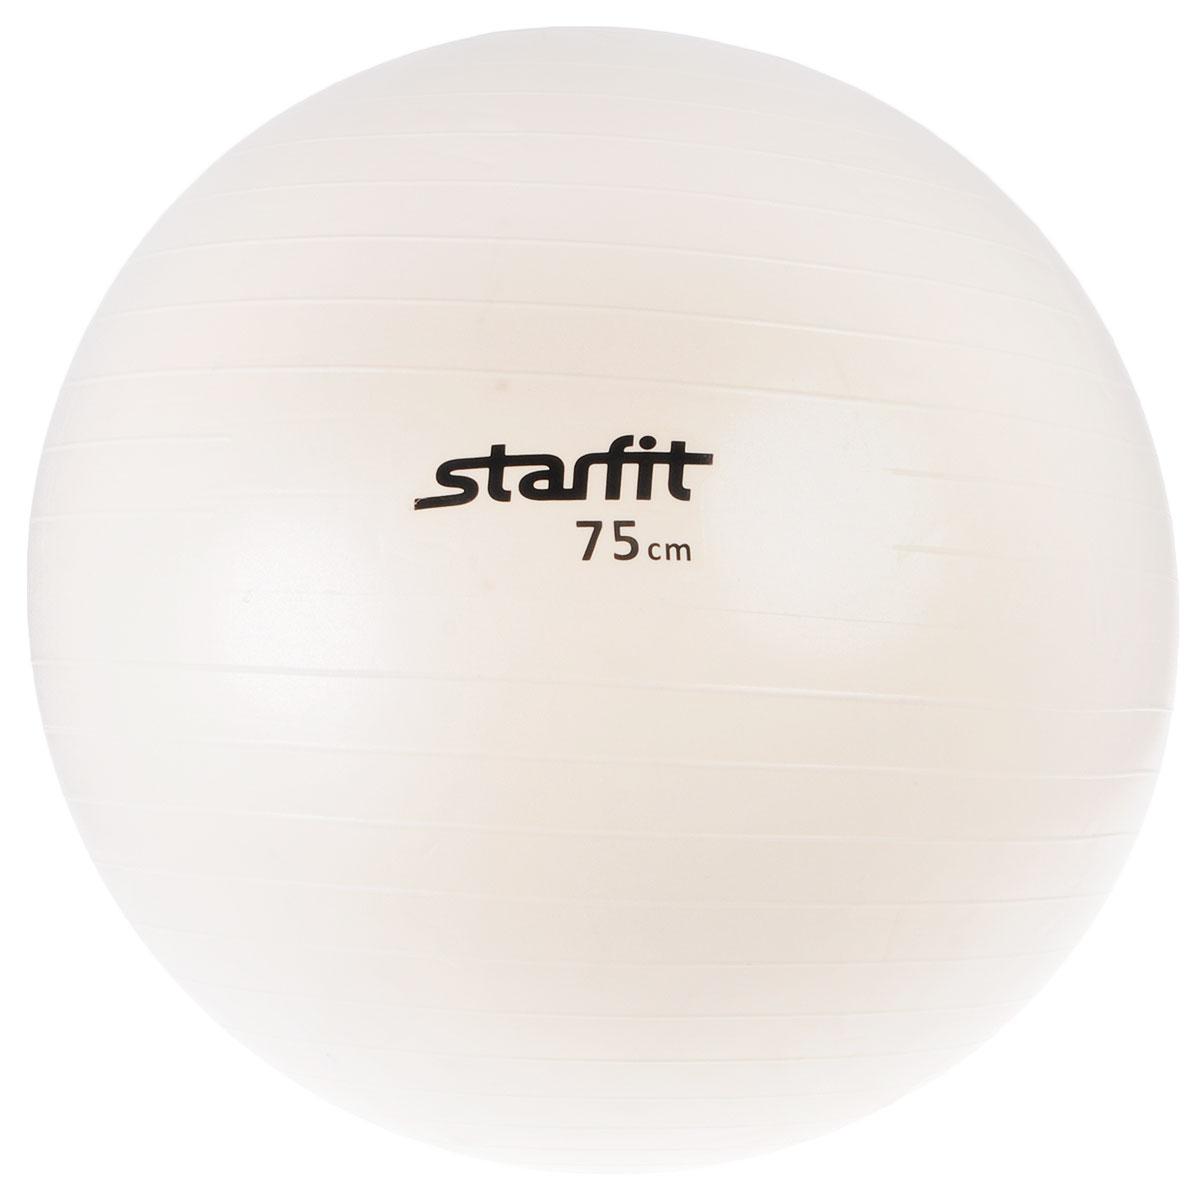 Мяч гимнастический Starfit, антивзрыв, с насосом, цвет: белый, диаметр 75 см527С помощью гимнастического мяча Star Fit можно тренировать все мышцы тела, правильно выстроив тренировочный процесс и используя его как основной или второстепенный снаряд (создавая за счет него лишь синергизм действия, а не основу упражнения) для упражнения. Изделие выполнено из прочного ПВХ.Гимнастический мяч - это один из самых популярных аксессуаров в фитнесе. Его используют и женщины, и мужчины в функциональном тренинге, бодибилдинге, групповых программах, стретчинге (растяжке). Максимальная нагрузка: 80 кг.УВАЖЕМЫЕ КЛИЕНТЫ!Обращаем ваше внимание на тот факт, что мяч поставляется в сдутом виде. Насос входит в комплект.